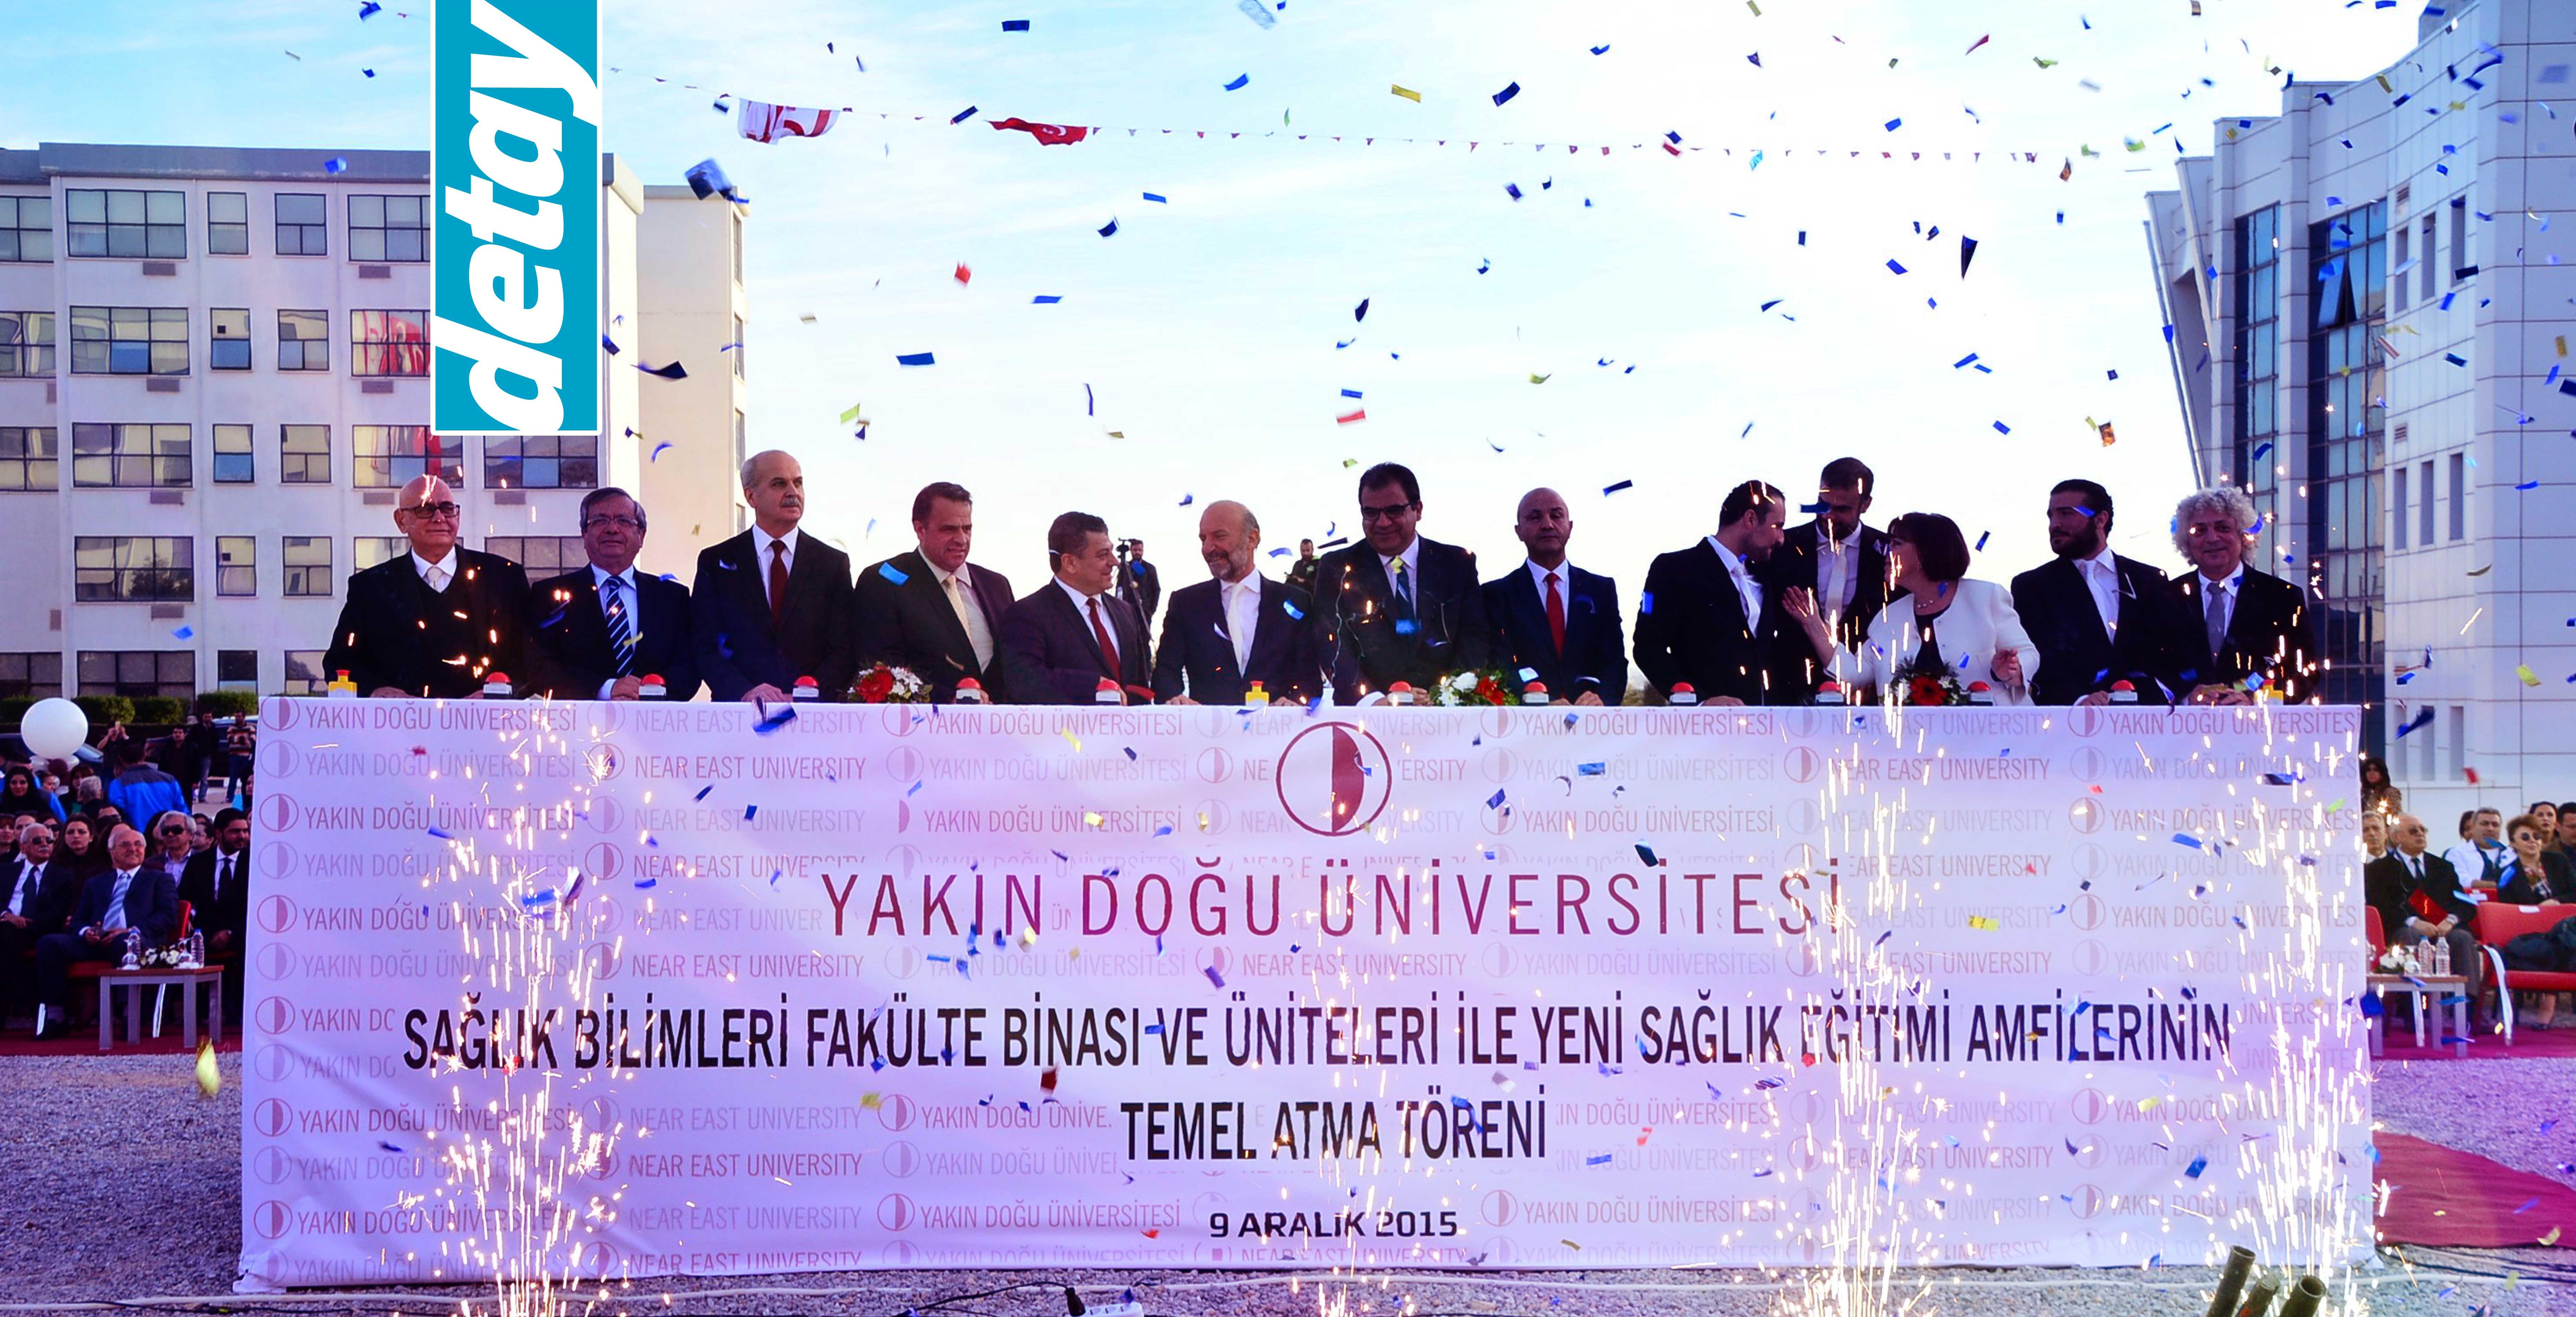 YDÜ Sağlık Bilimleri Fakültesi Binası'nın temeli atıldı